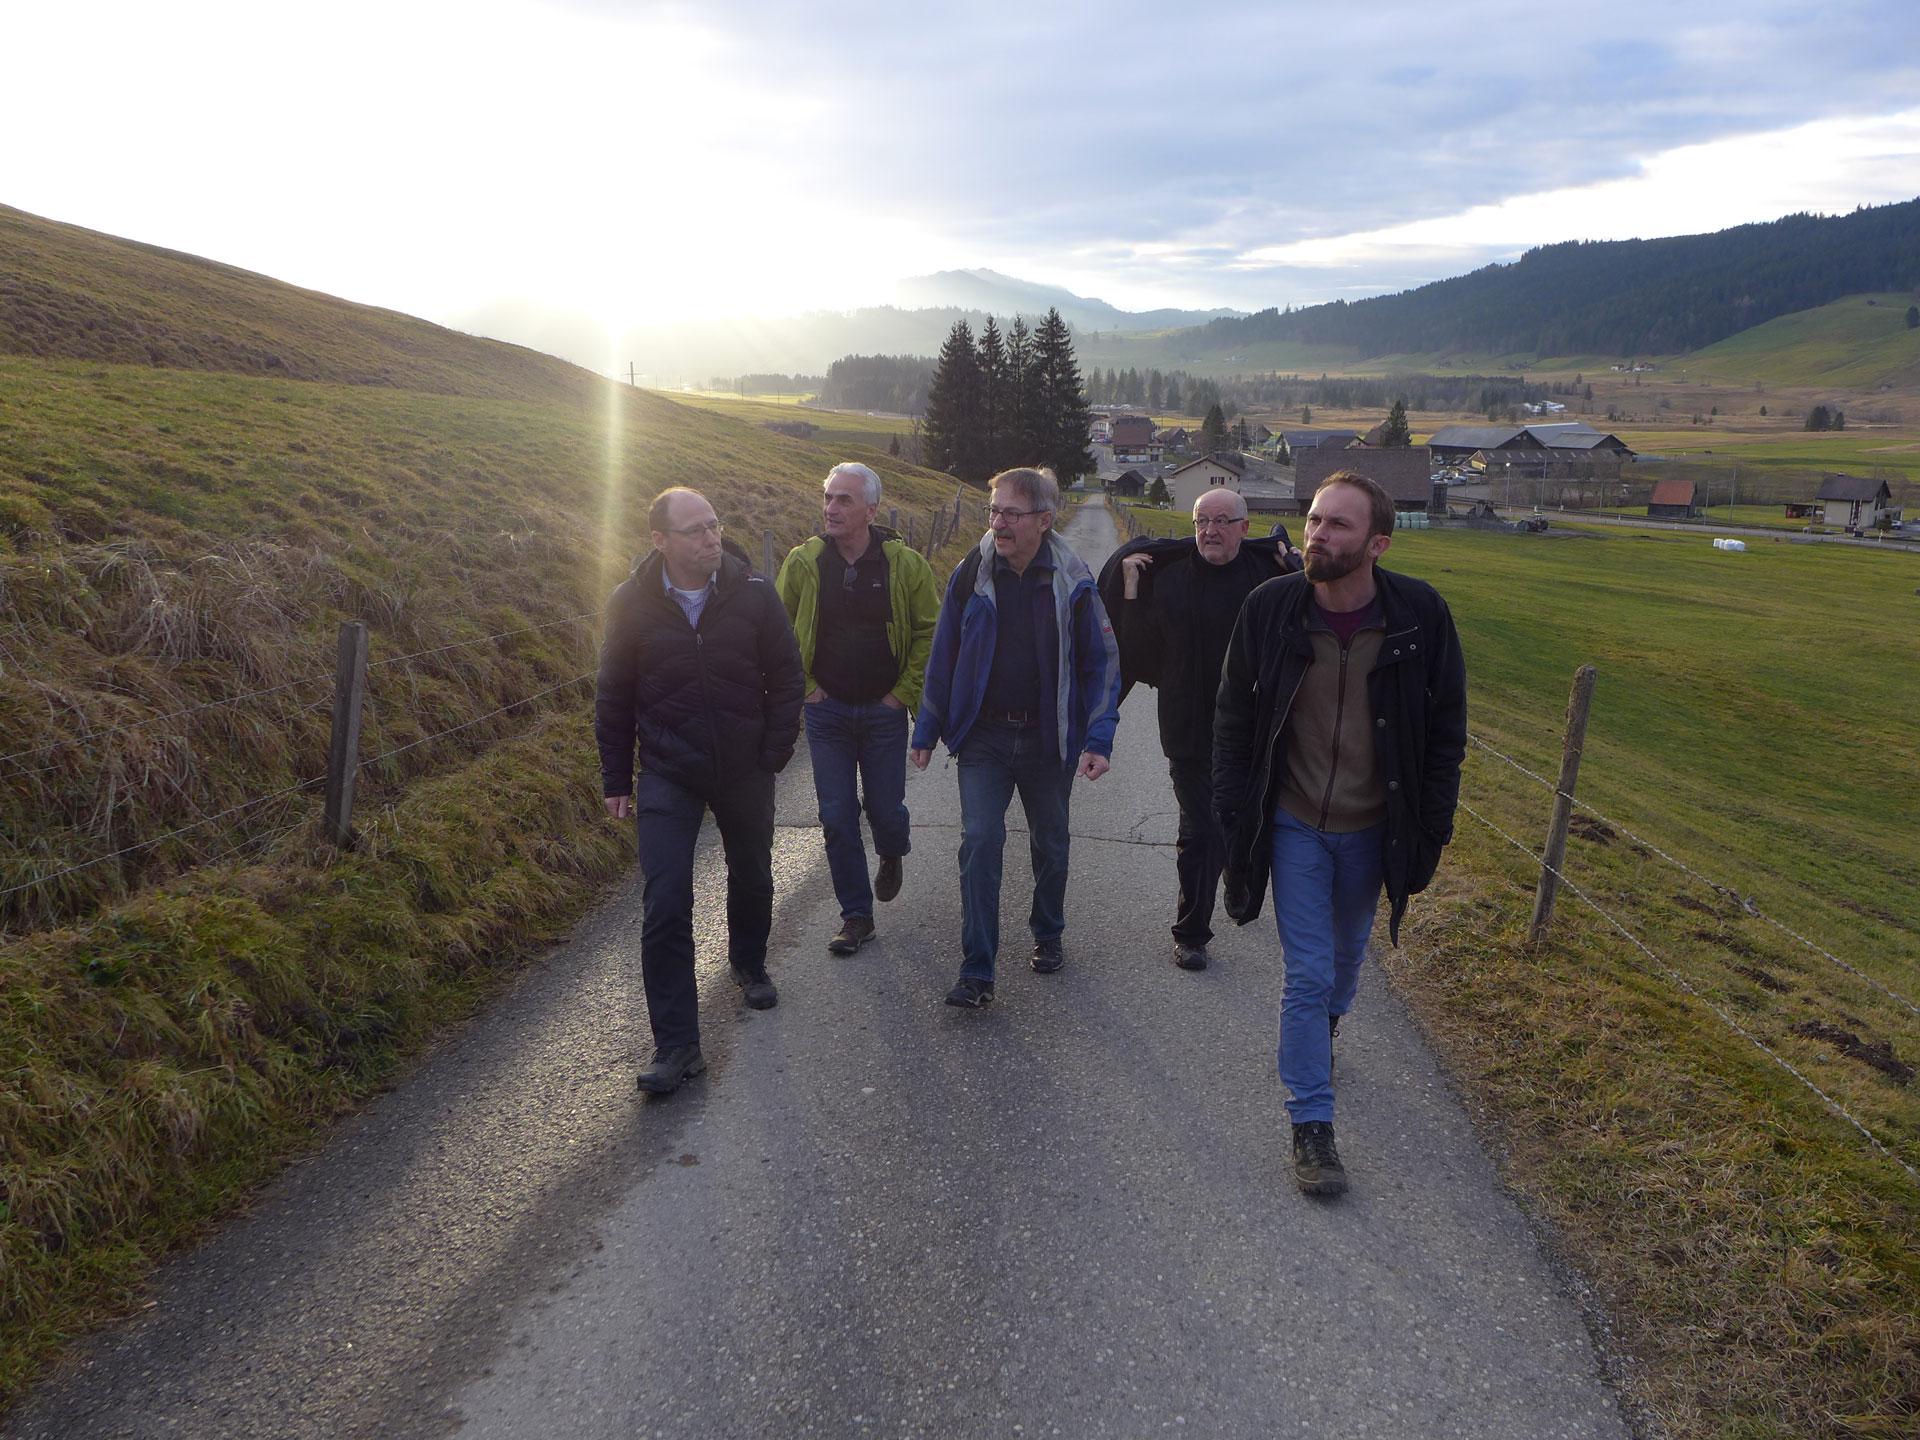 Auf dem Anstieg zum Katzenstrick (von links): Edi Wigger, Hubert Aregger, Hans Moos, Toni Schwingruber und Viktor Diethelm. | © 2015 Dominik Thali